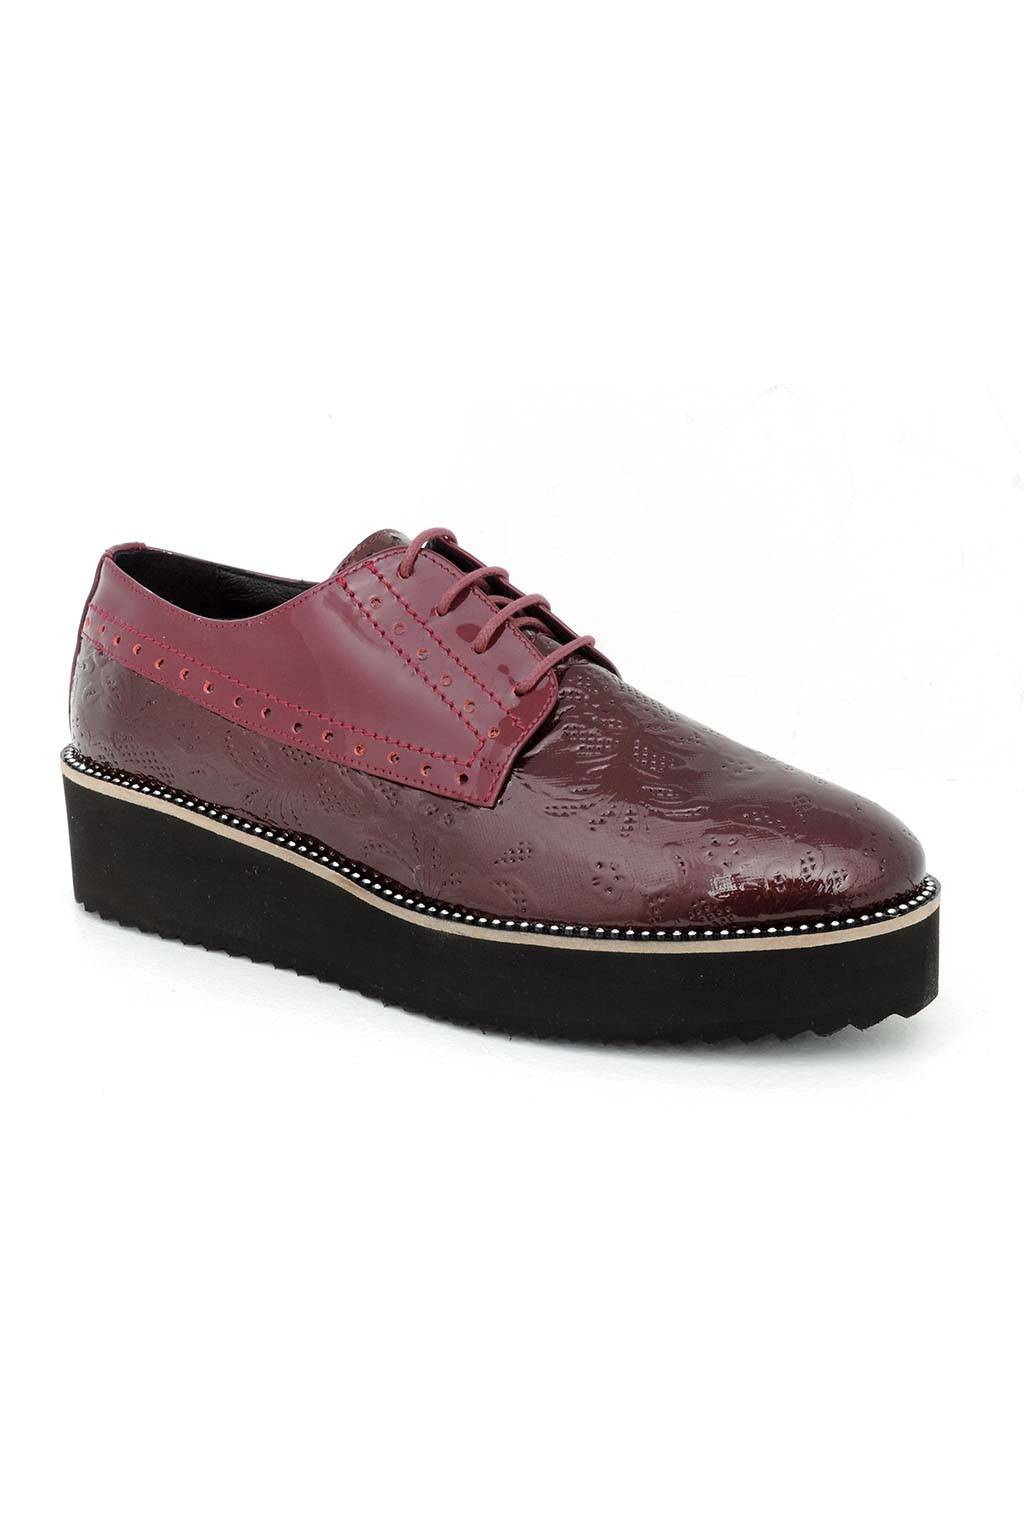 Zapato mujer 60417 burdeos